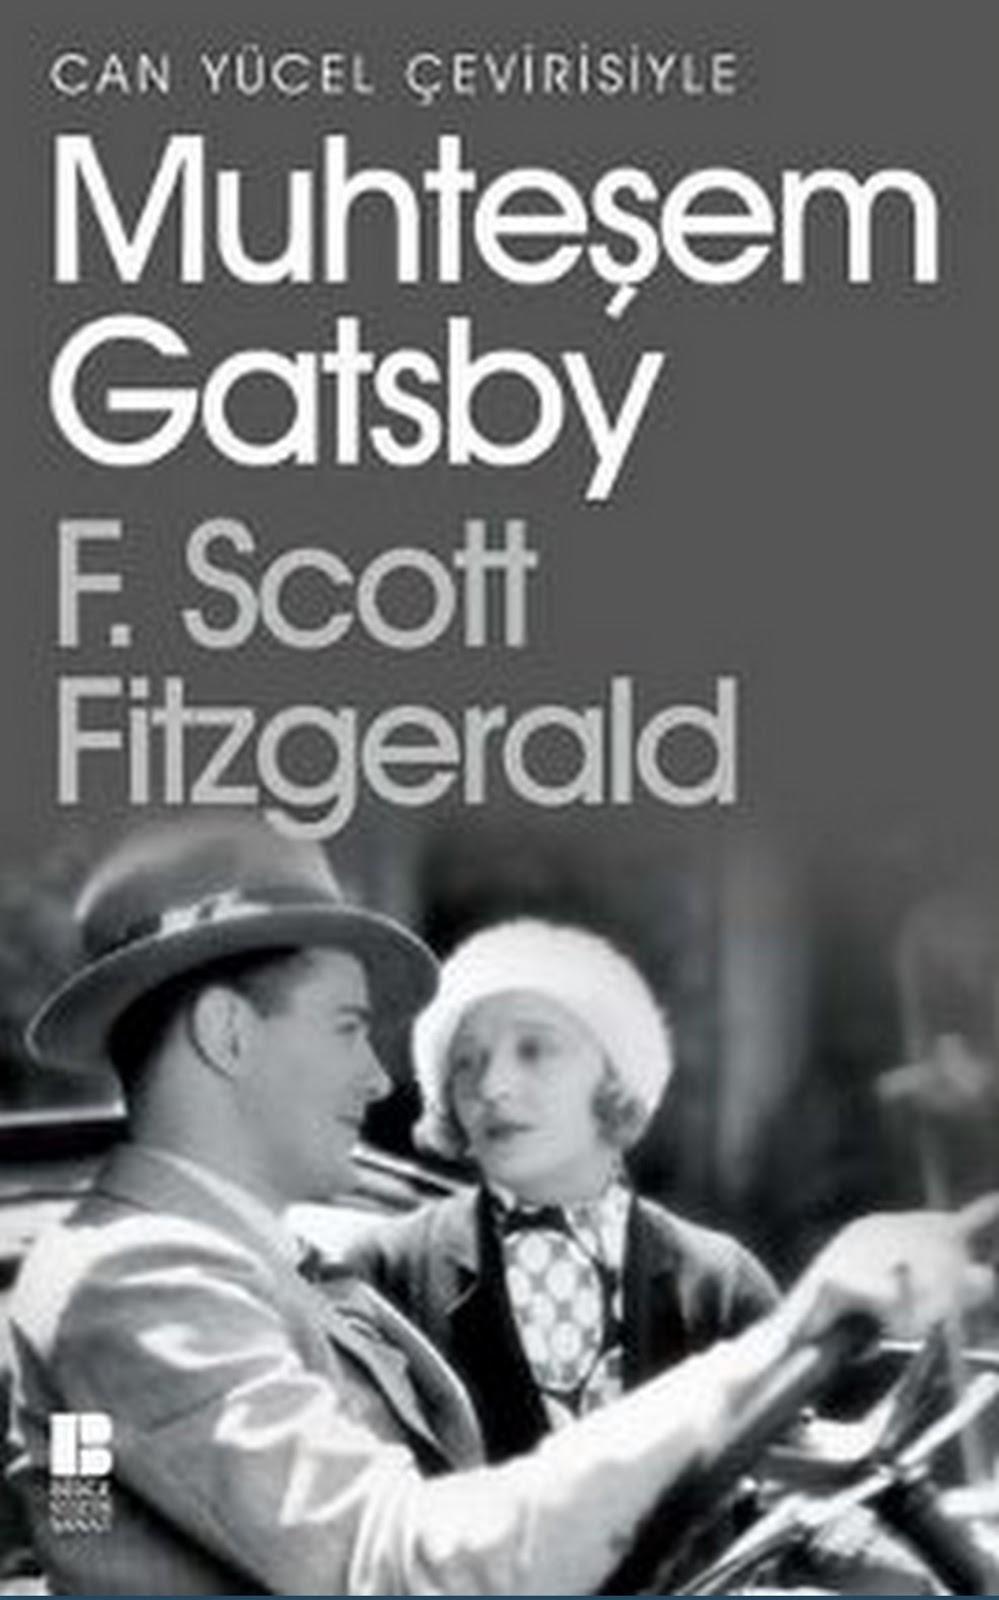 muhteşem-gatsby